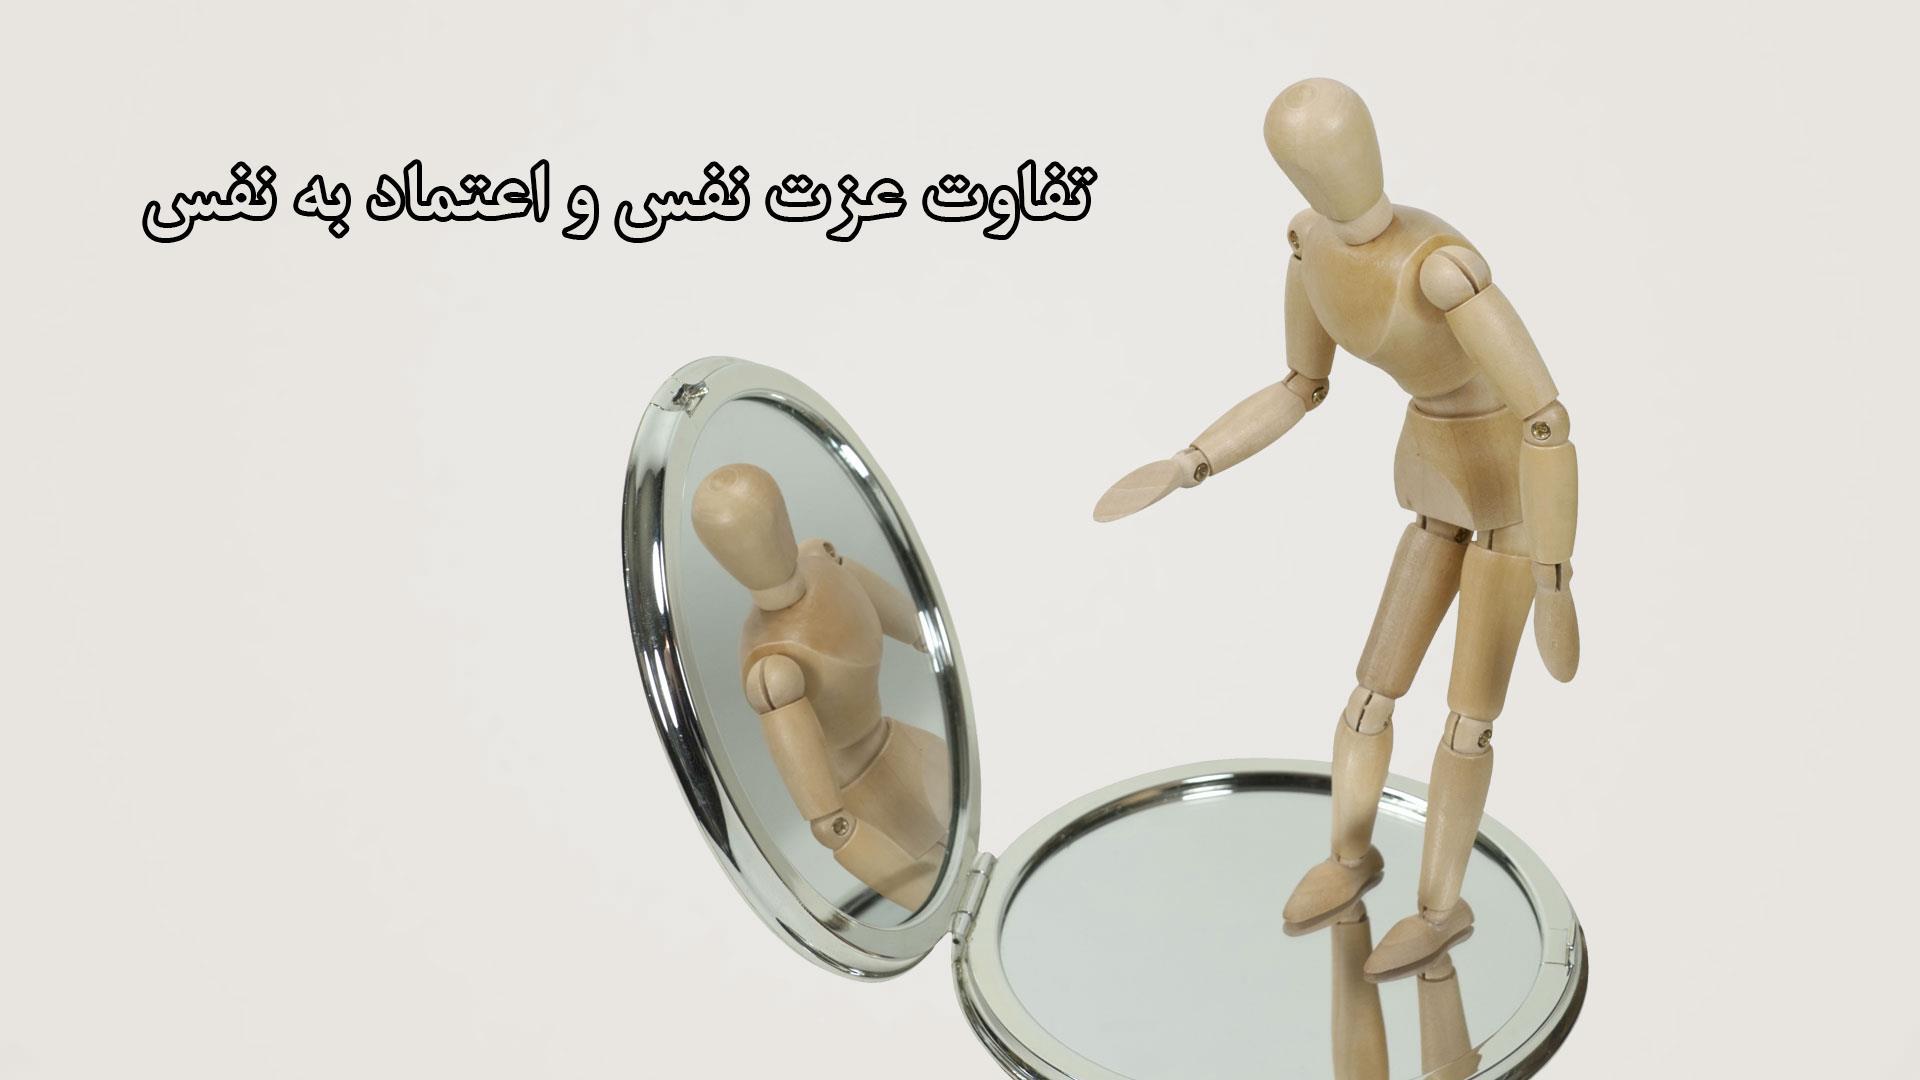 اعتماد به نفس با عزت نفس تفاوت هایی را دارا می باشد